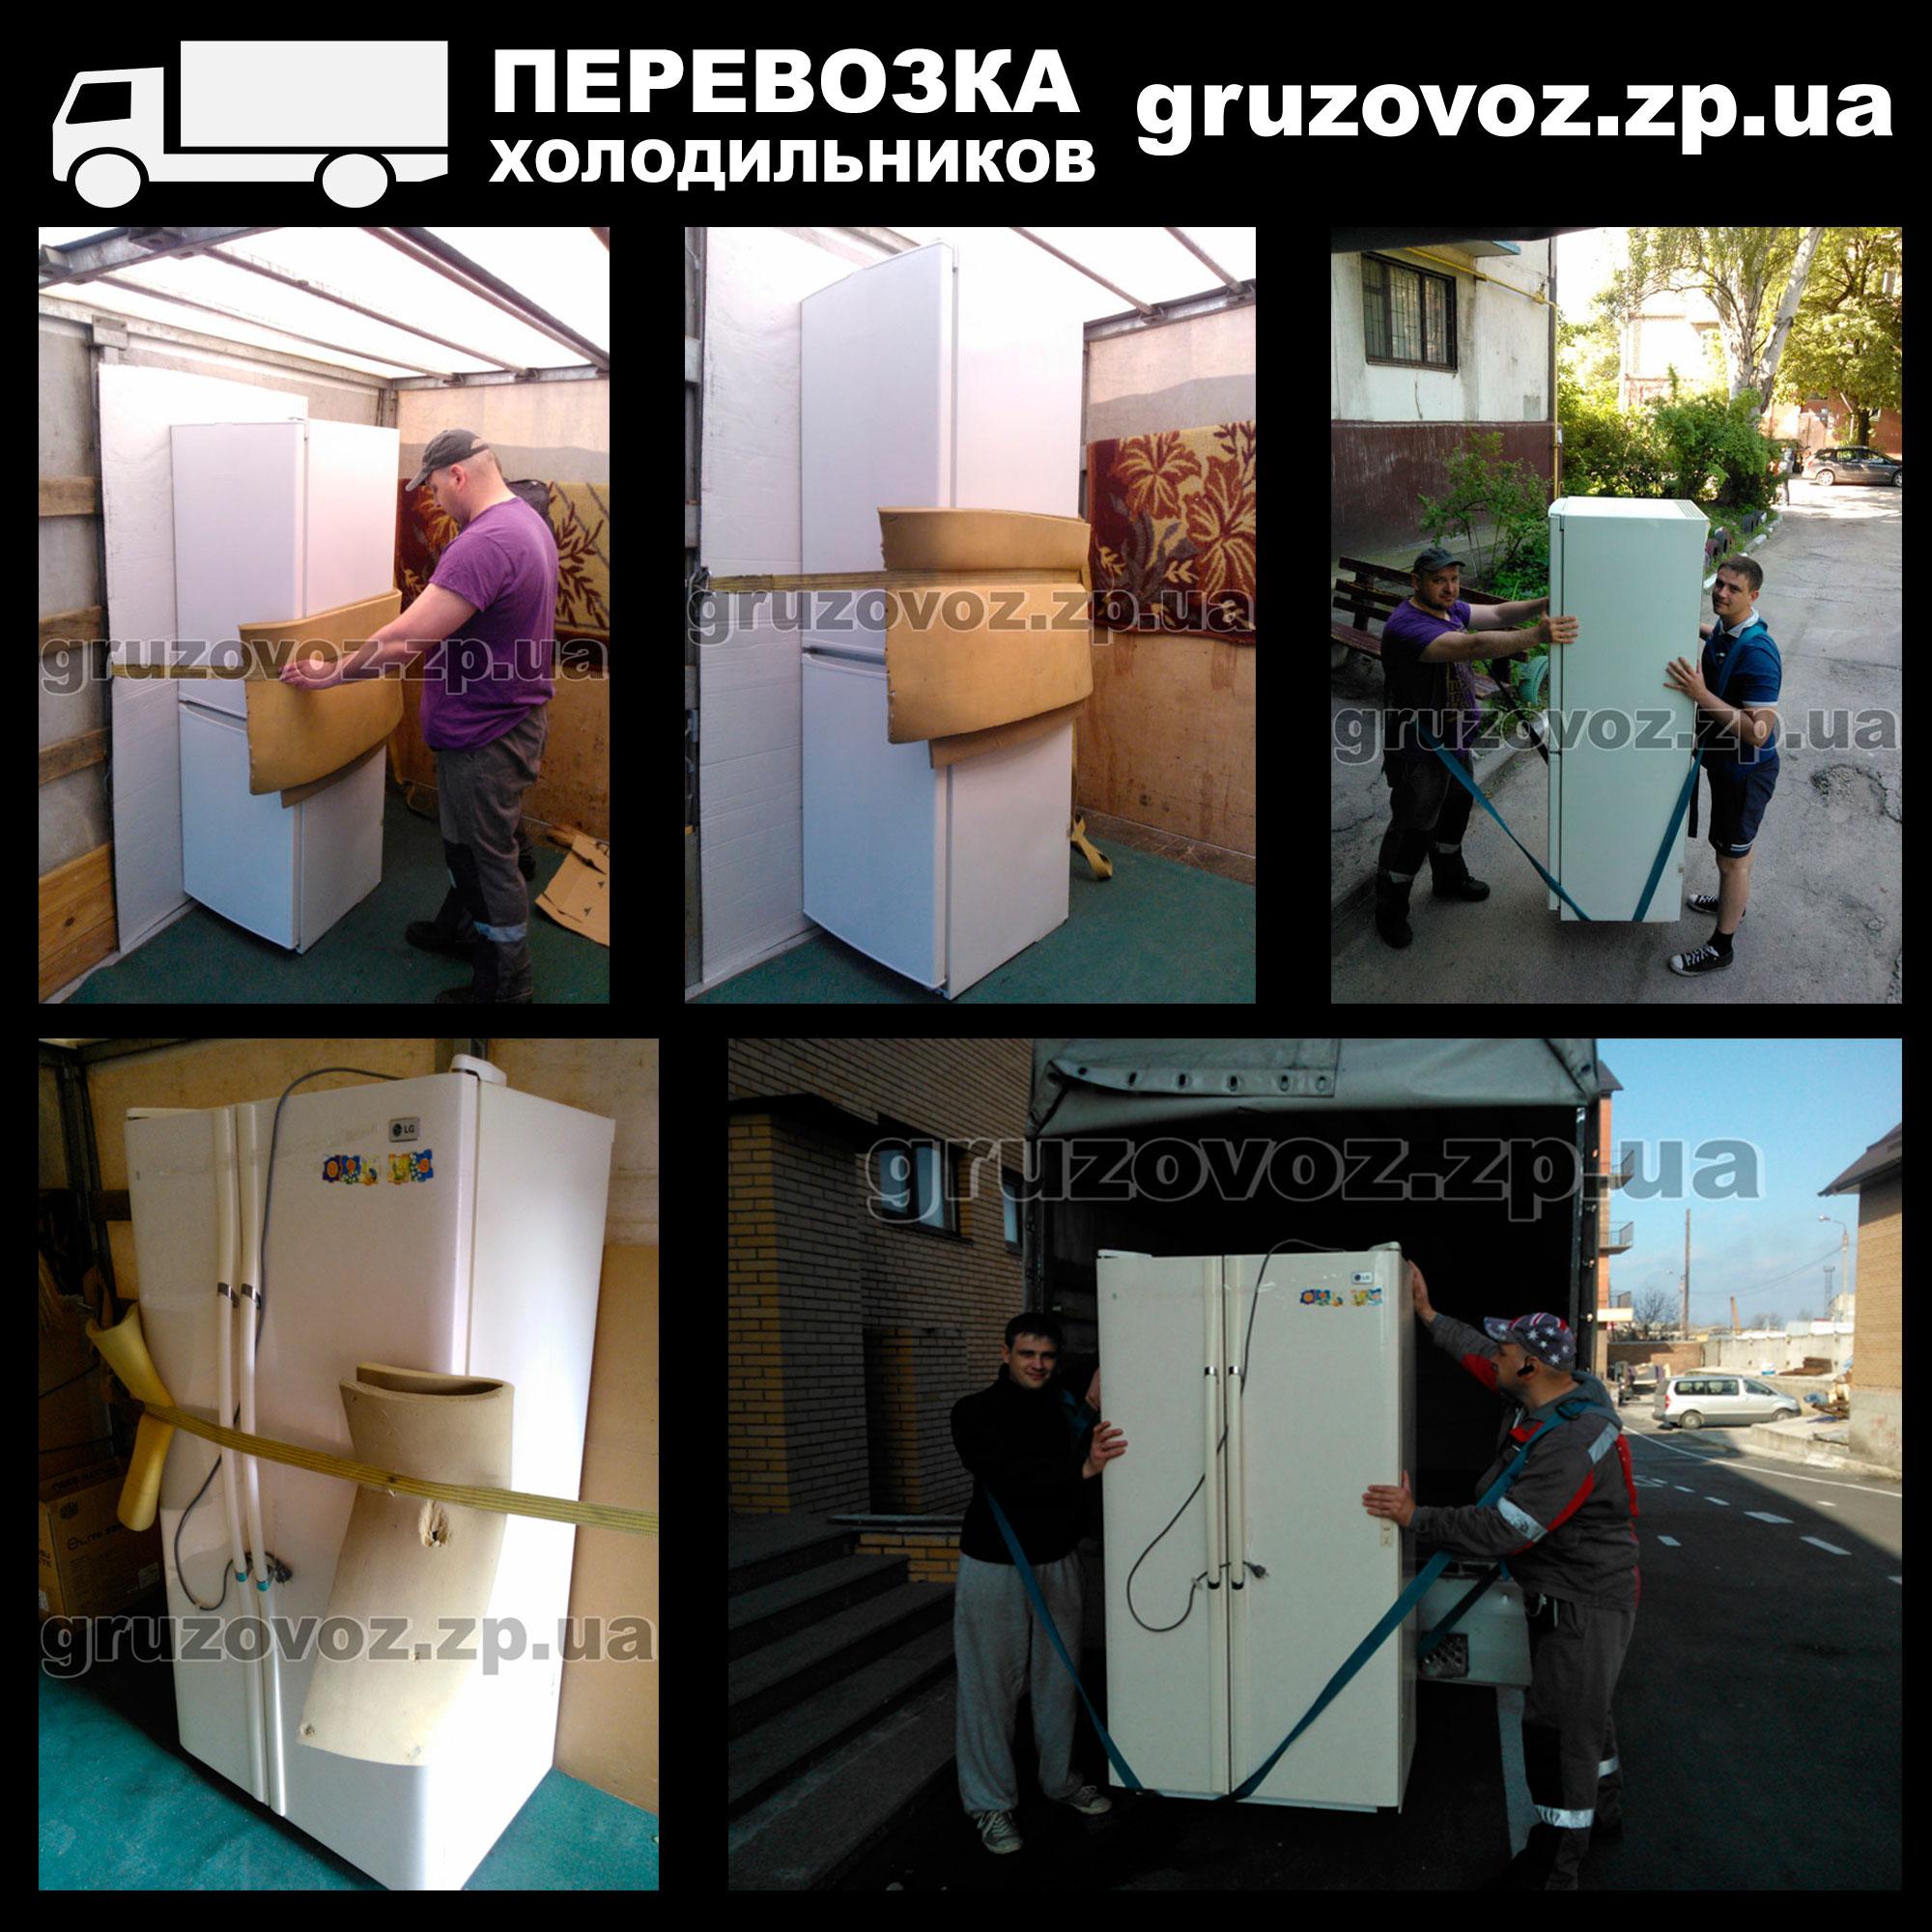 холодильник запорожье, перевозка холодильников, перевозка холодильников в запорожье;